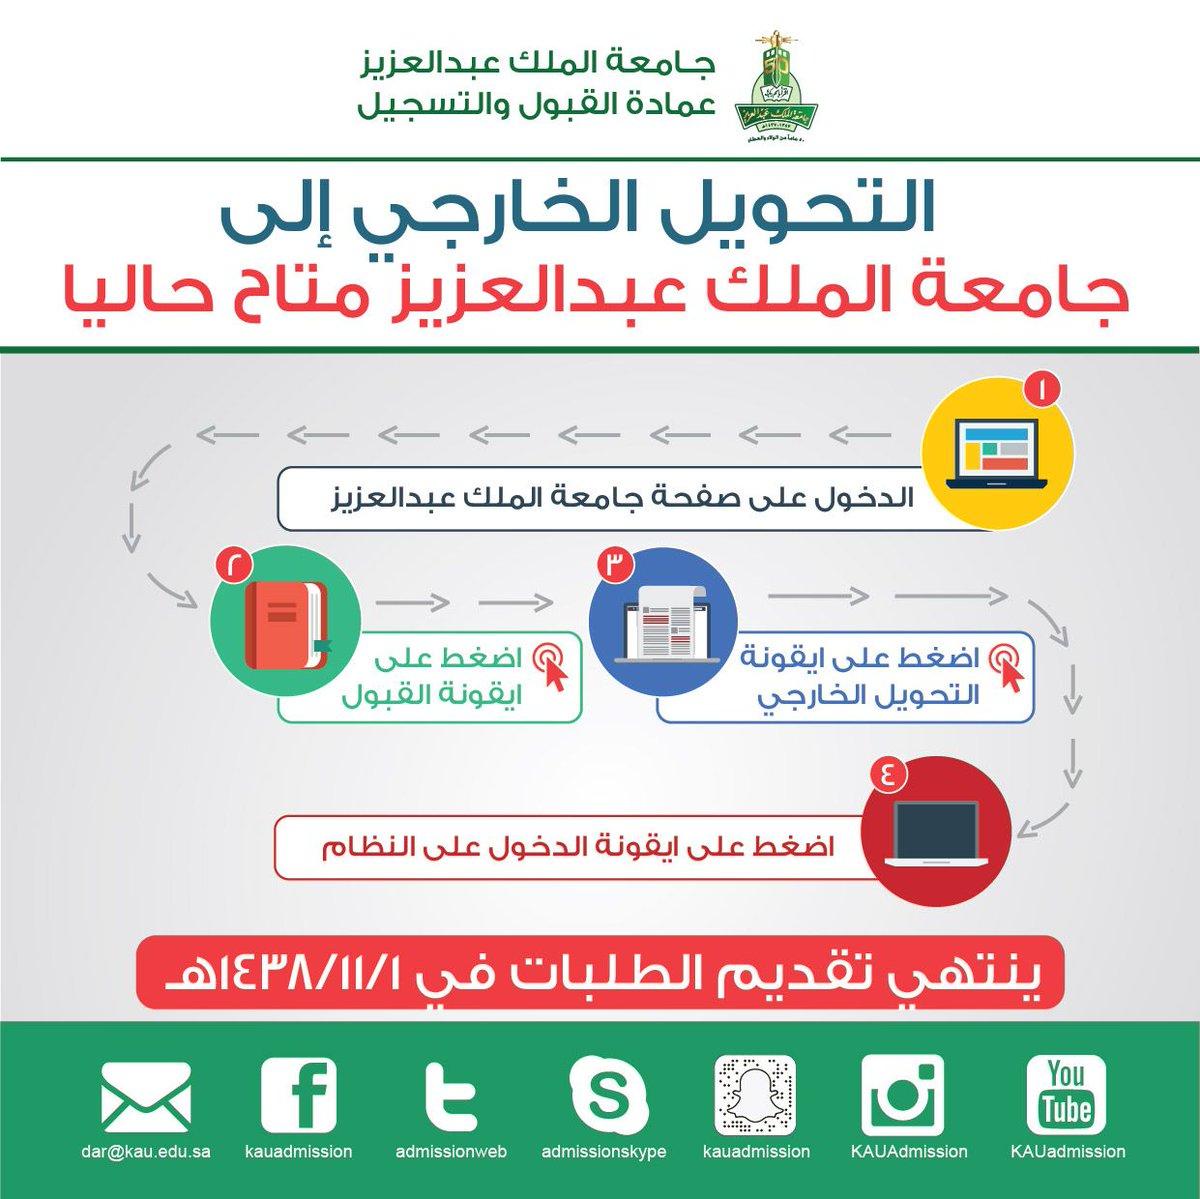 التحويل الخارجي جامعة الملك عبدالعزيز